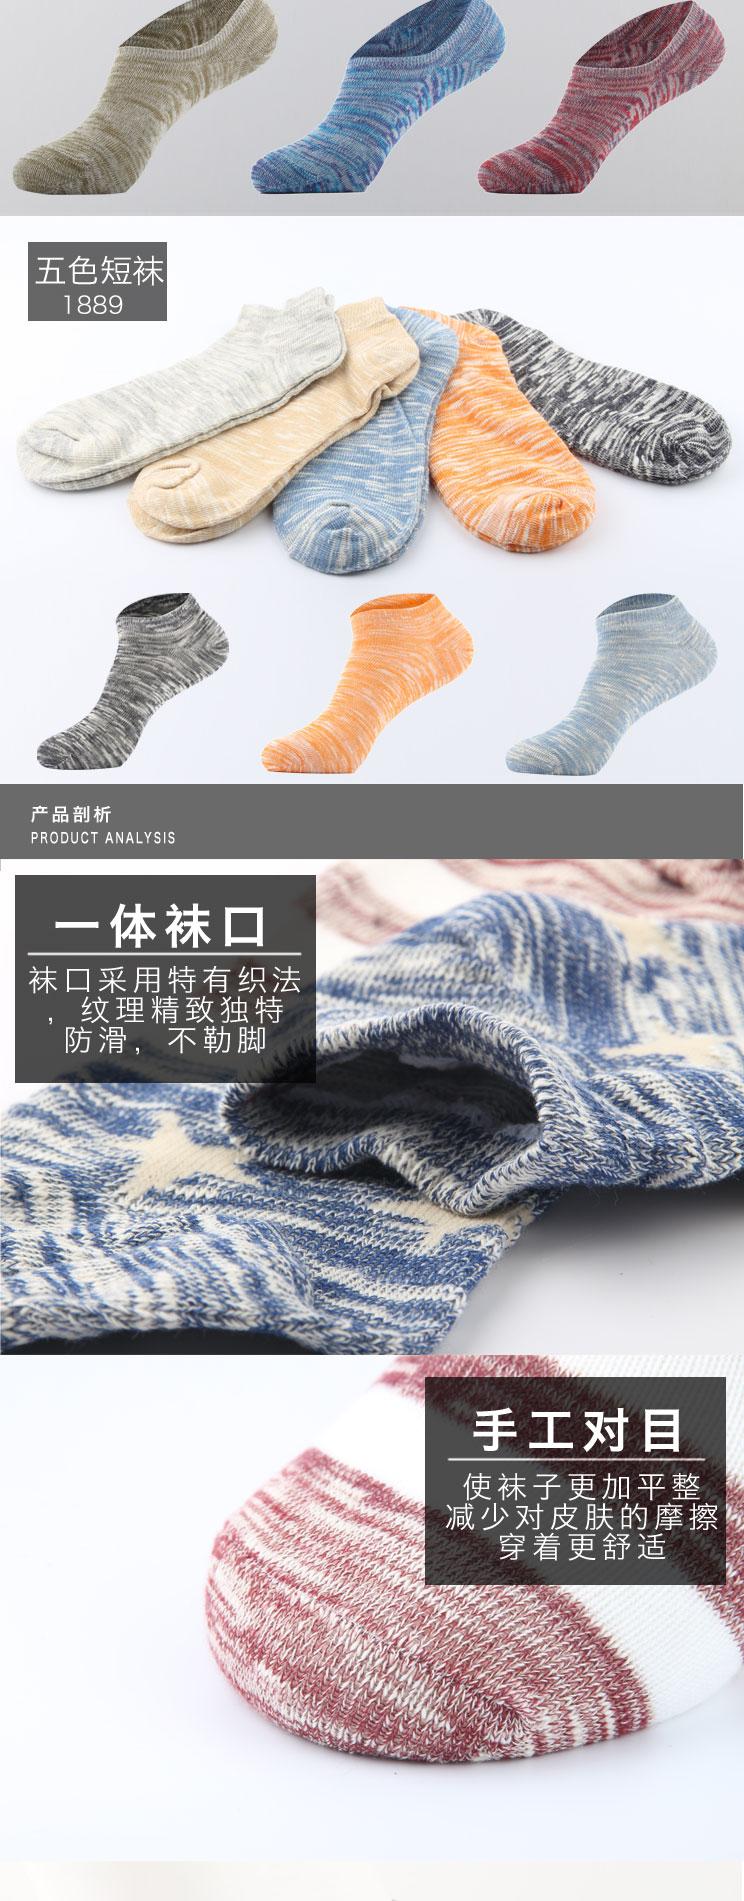 浪莎 5双装袜子男女情侣短袜船袜精梳棉运动薄款透气吸汗浅口隐形袜 休闲棉袜购买心得